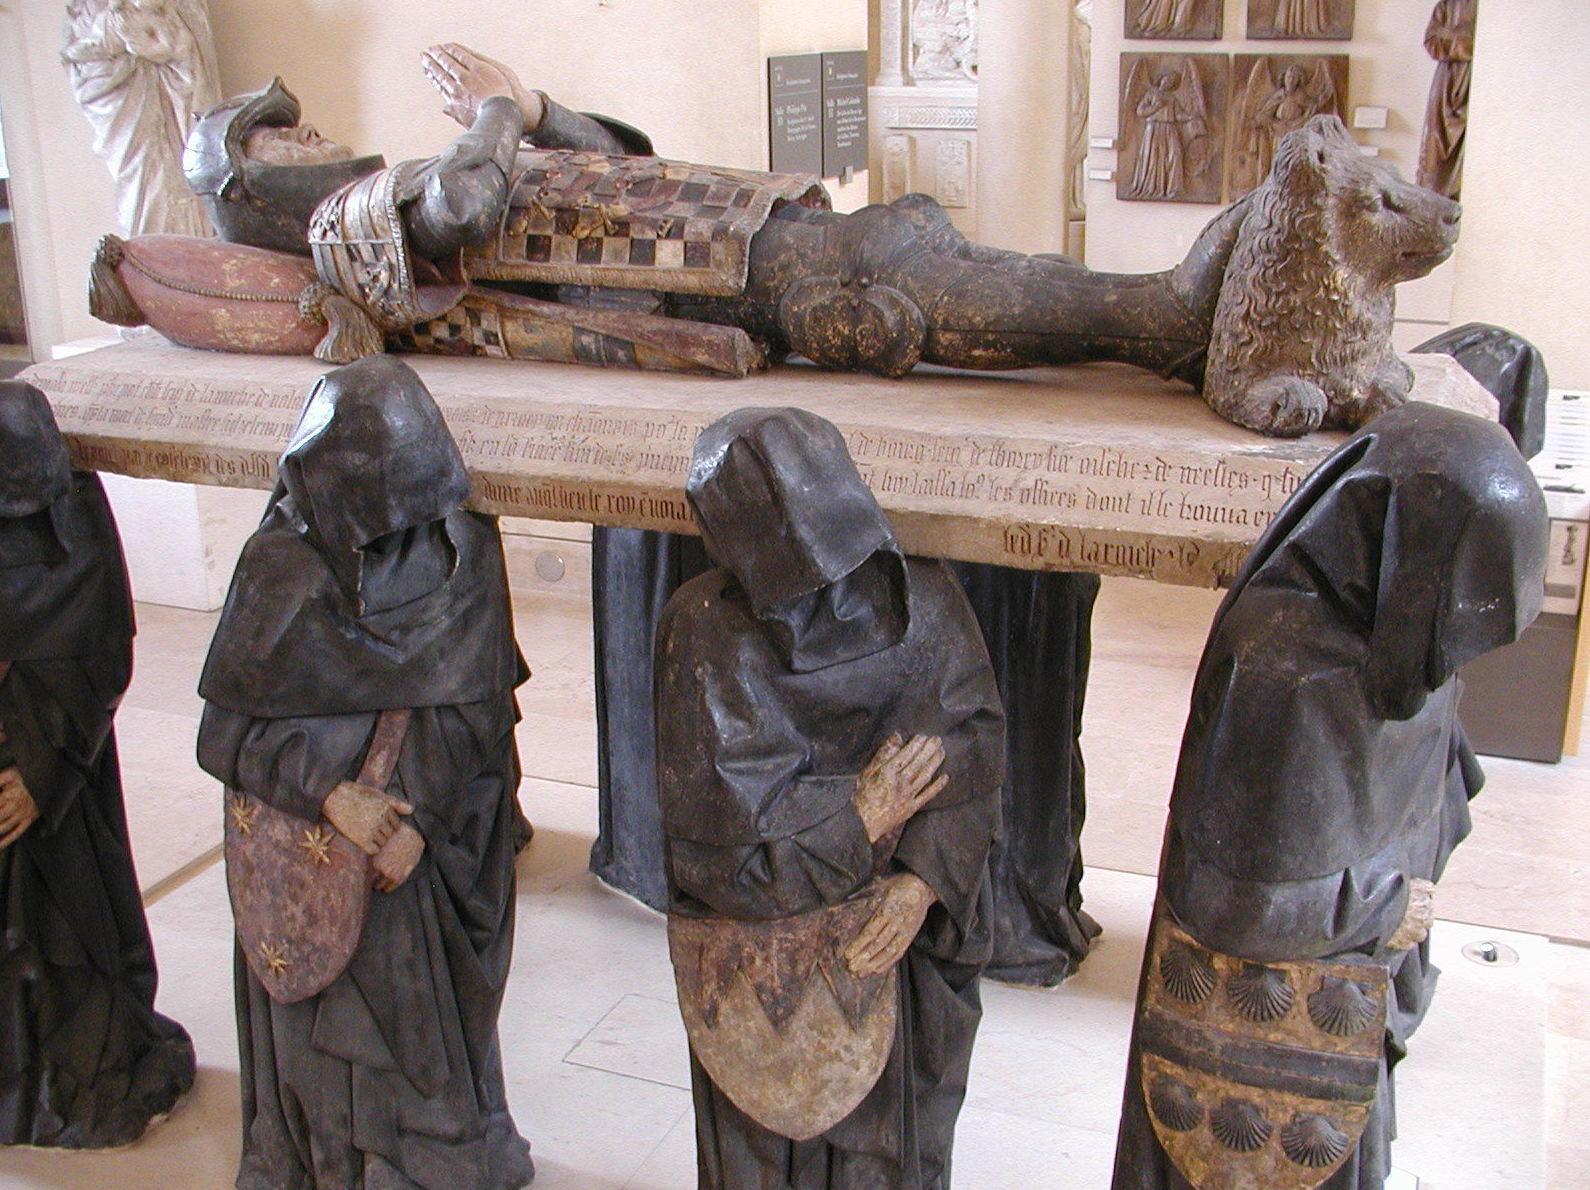 Arte funerario: Qué ofrecemos de Funeraria, Velatorio en Guardo San Antonio, Crematorio